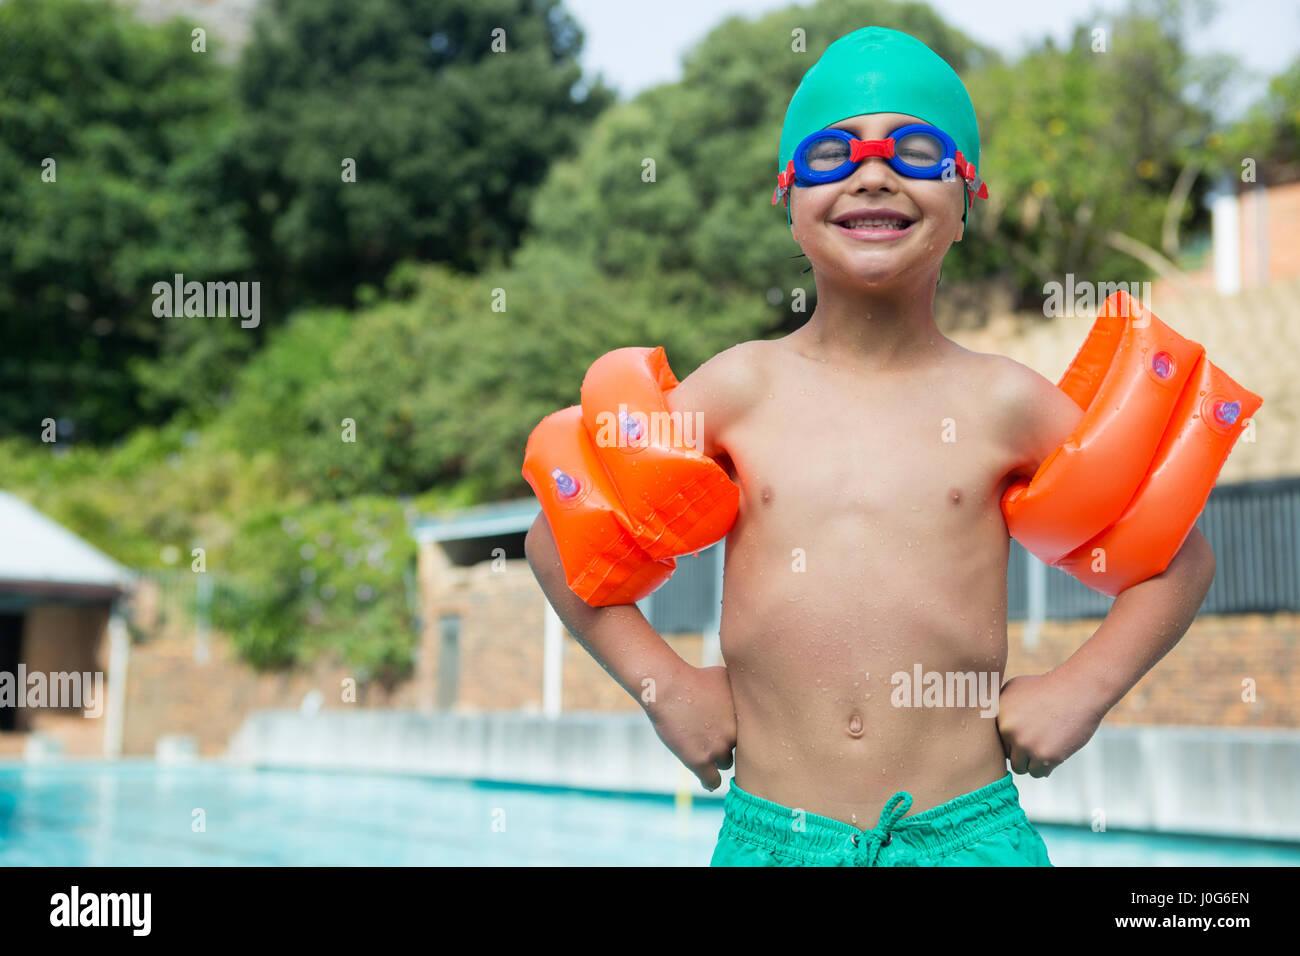 Ritratto di ragazzo indossa fascia braccio in piedi sul bordo della piscina Foto Stock